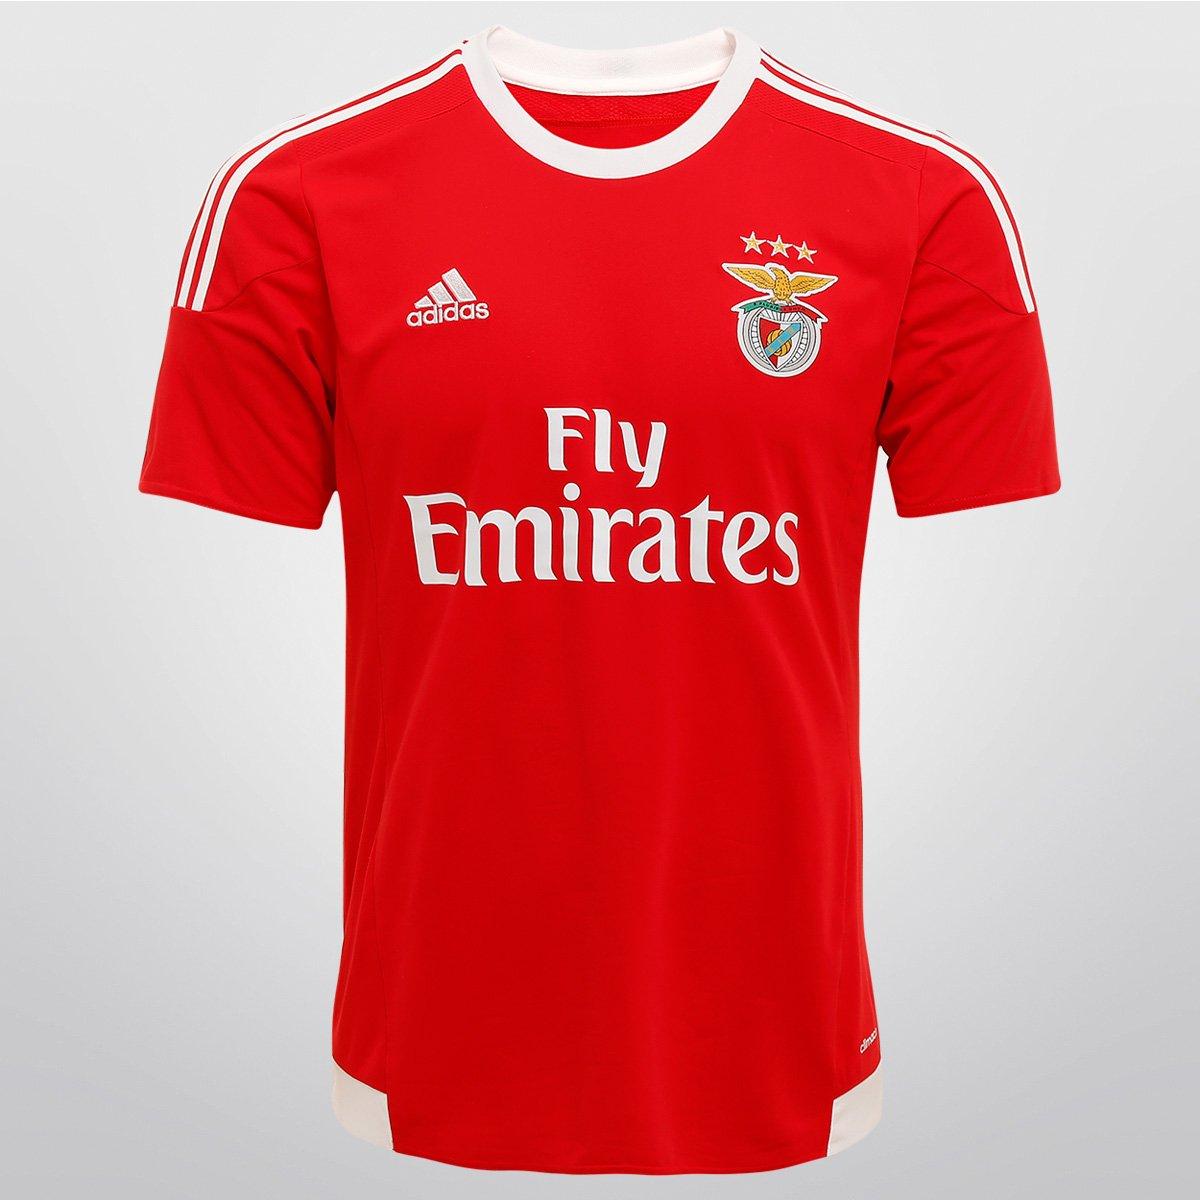 Camisa Adidas Benfica Home 15 16 s nº - Compre Agora  93017866c364e